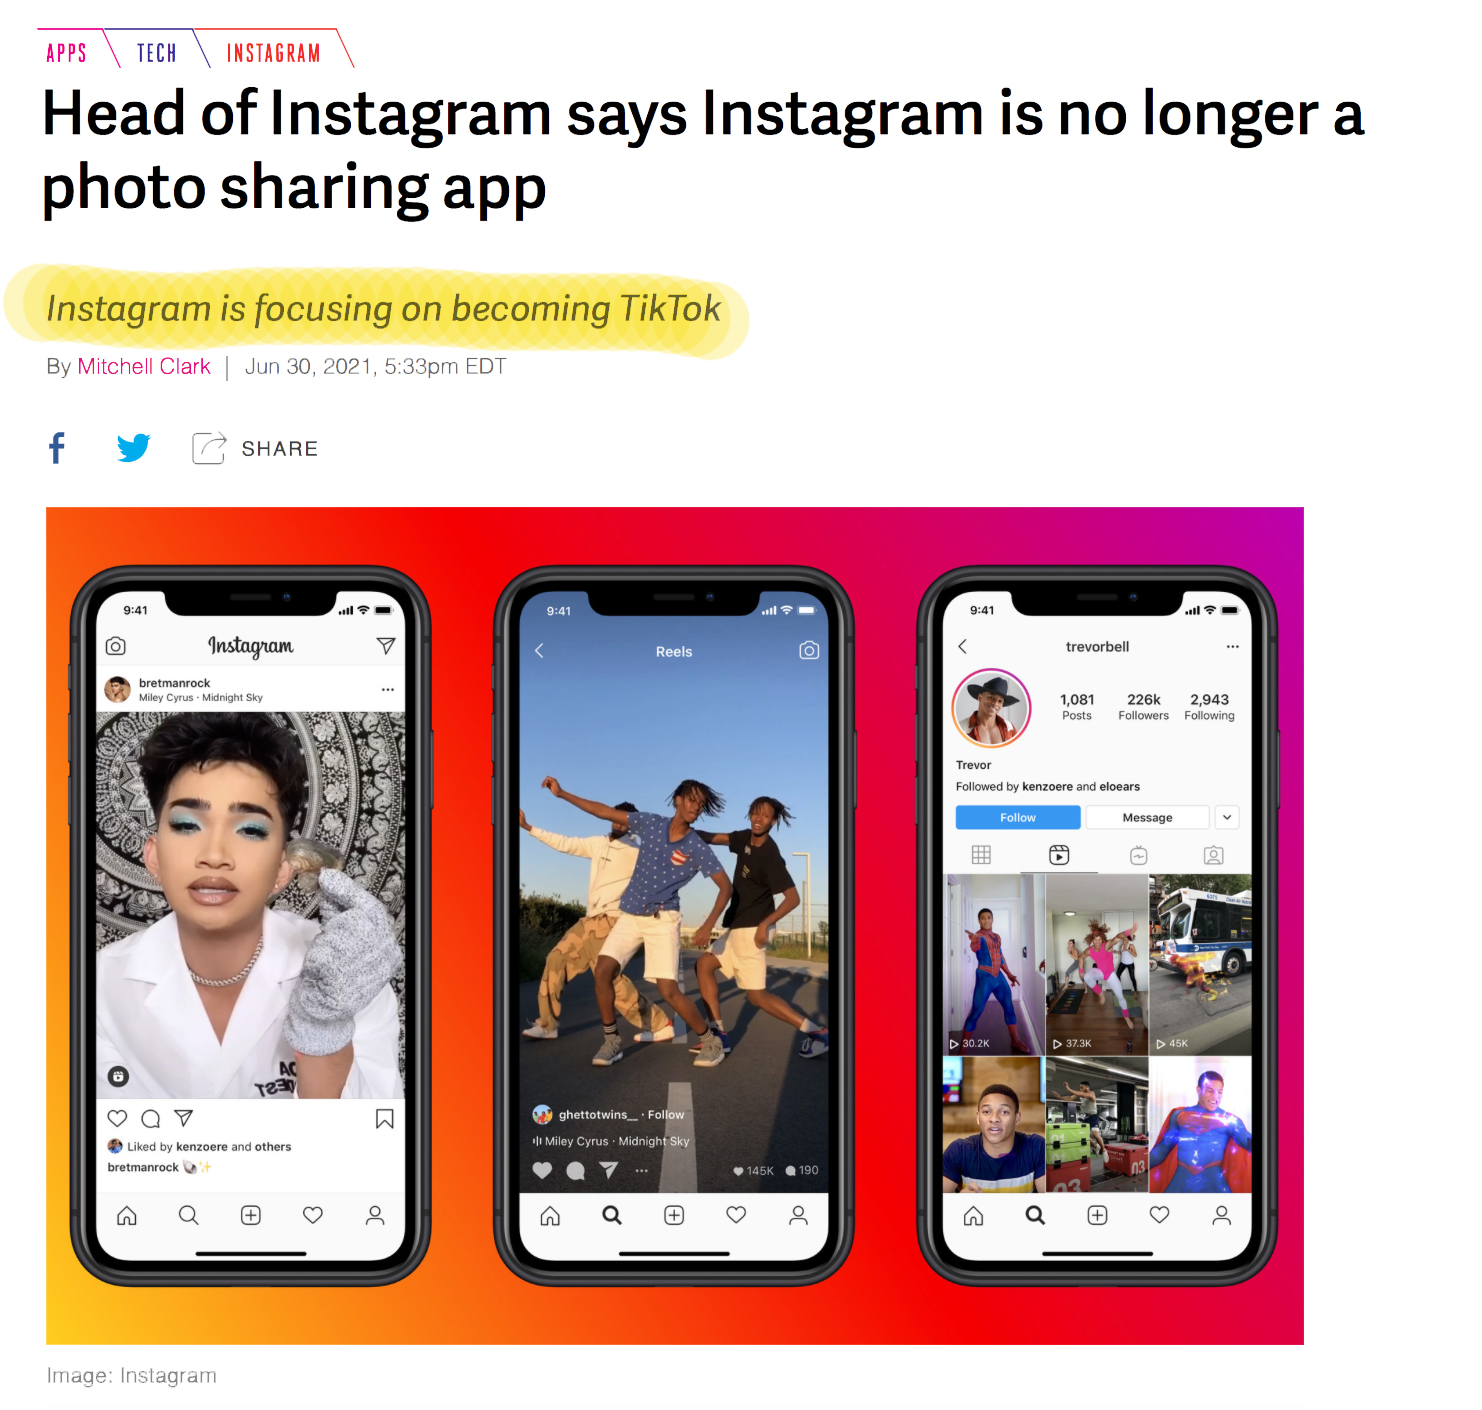 Verge Article on Instagram